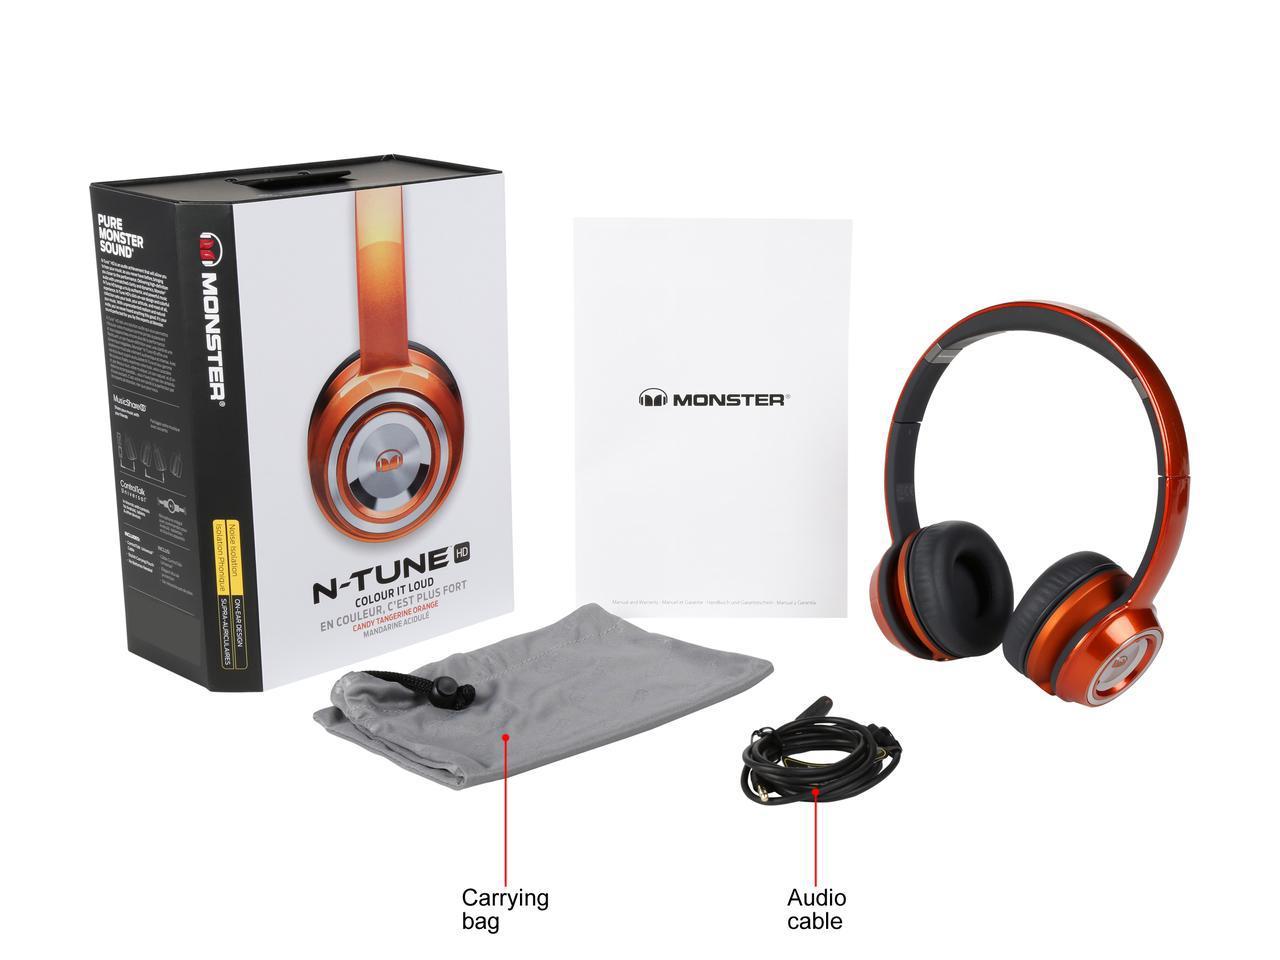 Monster NTUNE On-Ear Headphones (Candy Tangerine Orange) @ Newegg for $16.95 + Free Shipping